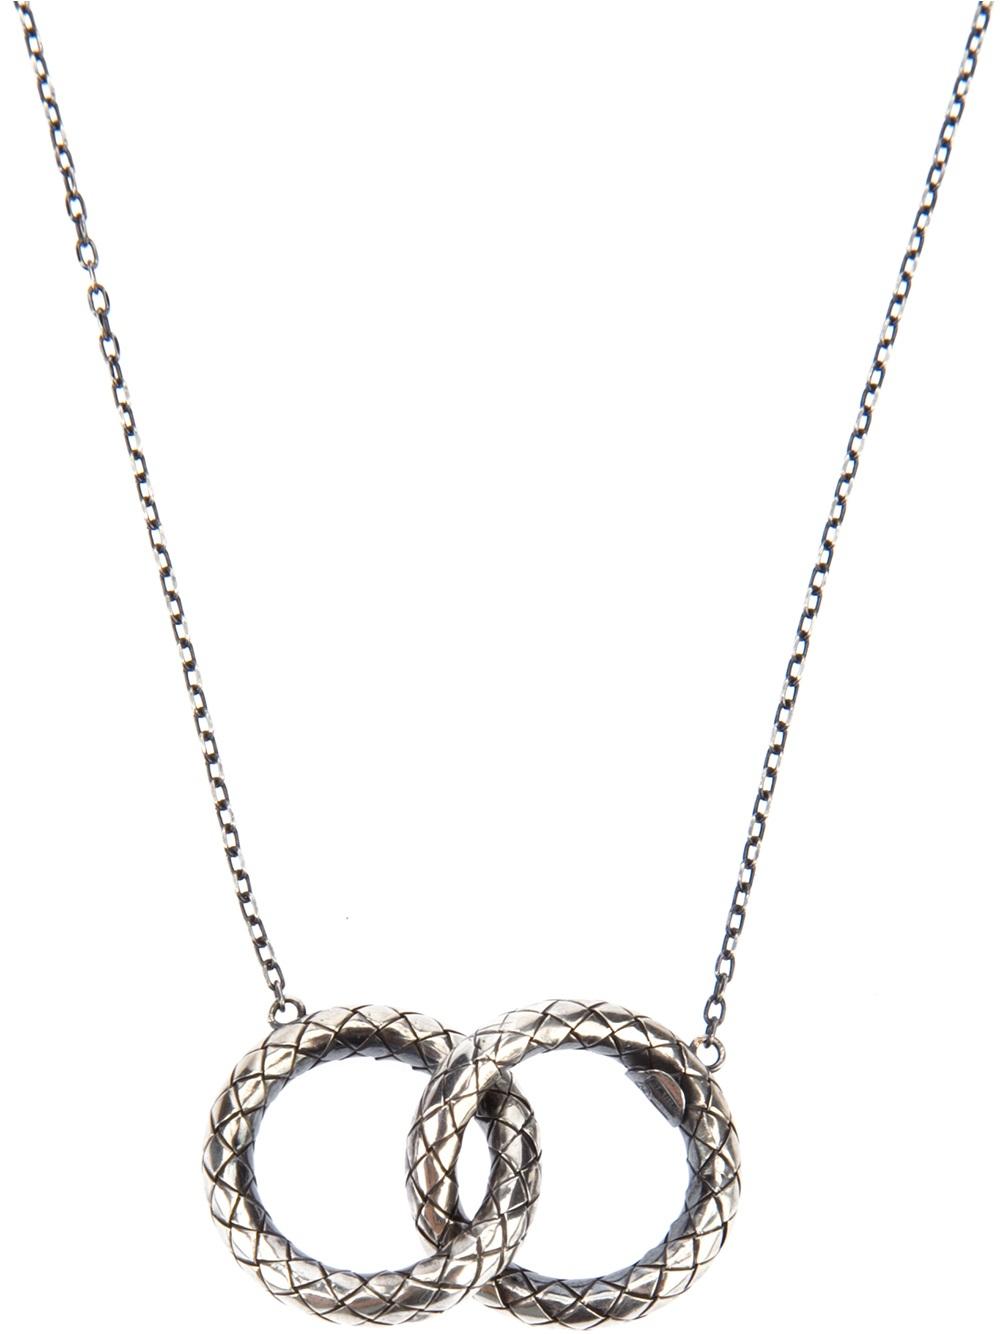 Bottega Veneta Dichotomy Intrecciato drop necklace 6W55QnnQ4